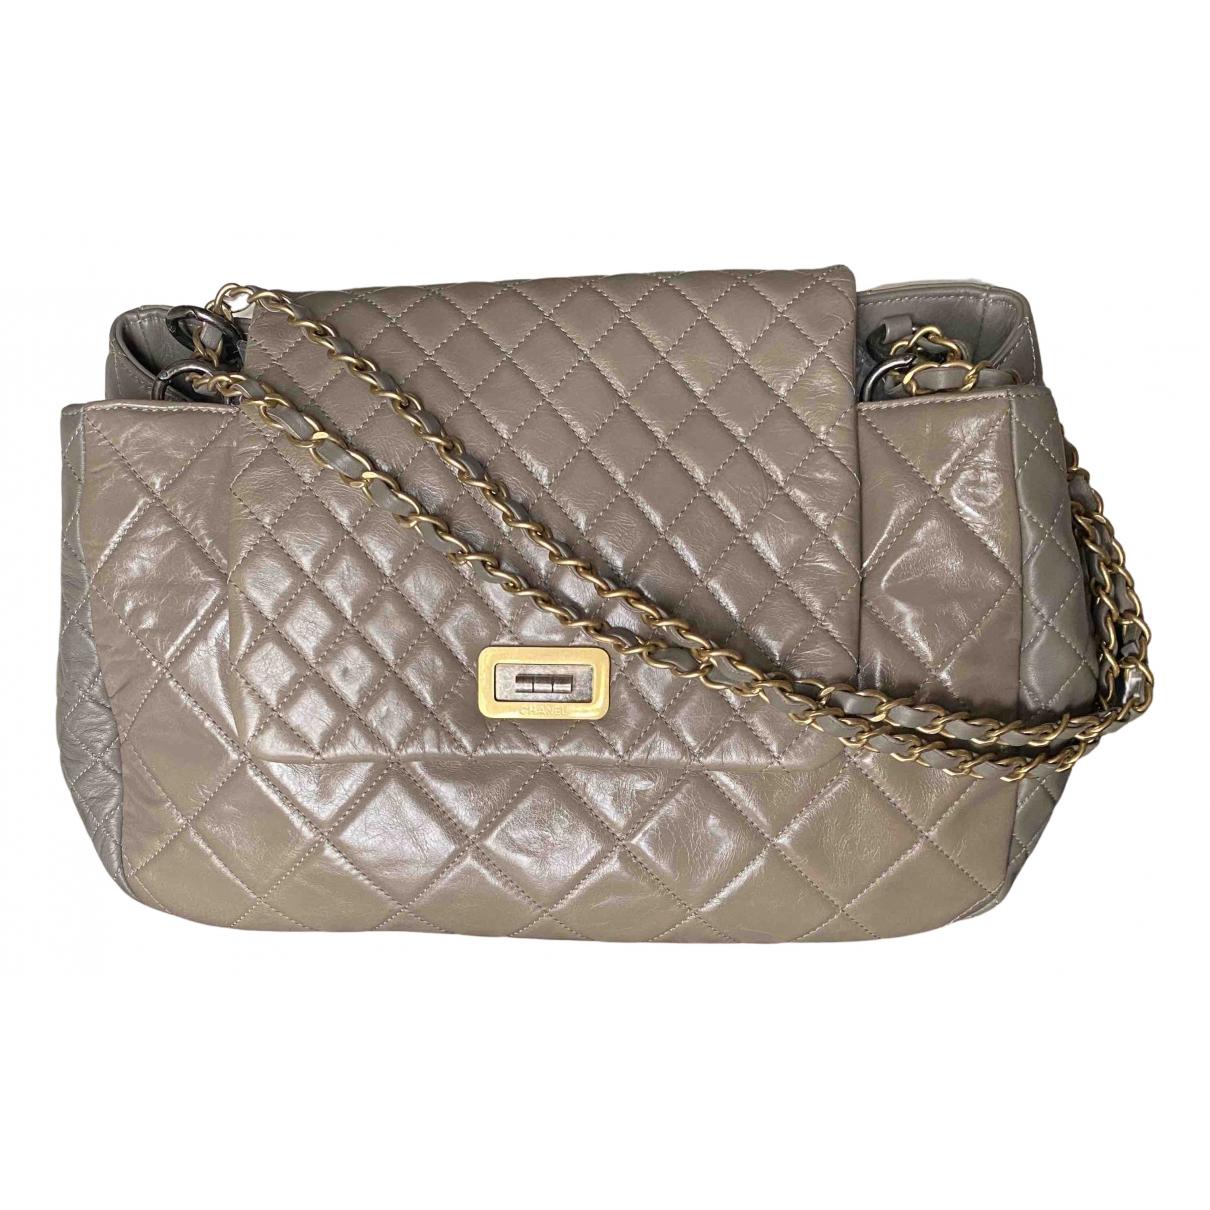 Chanel N Grey Leather handbag for Women N